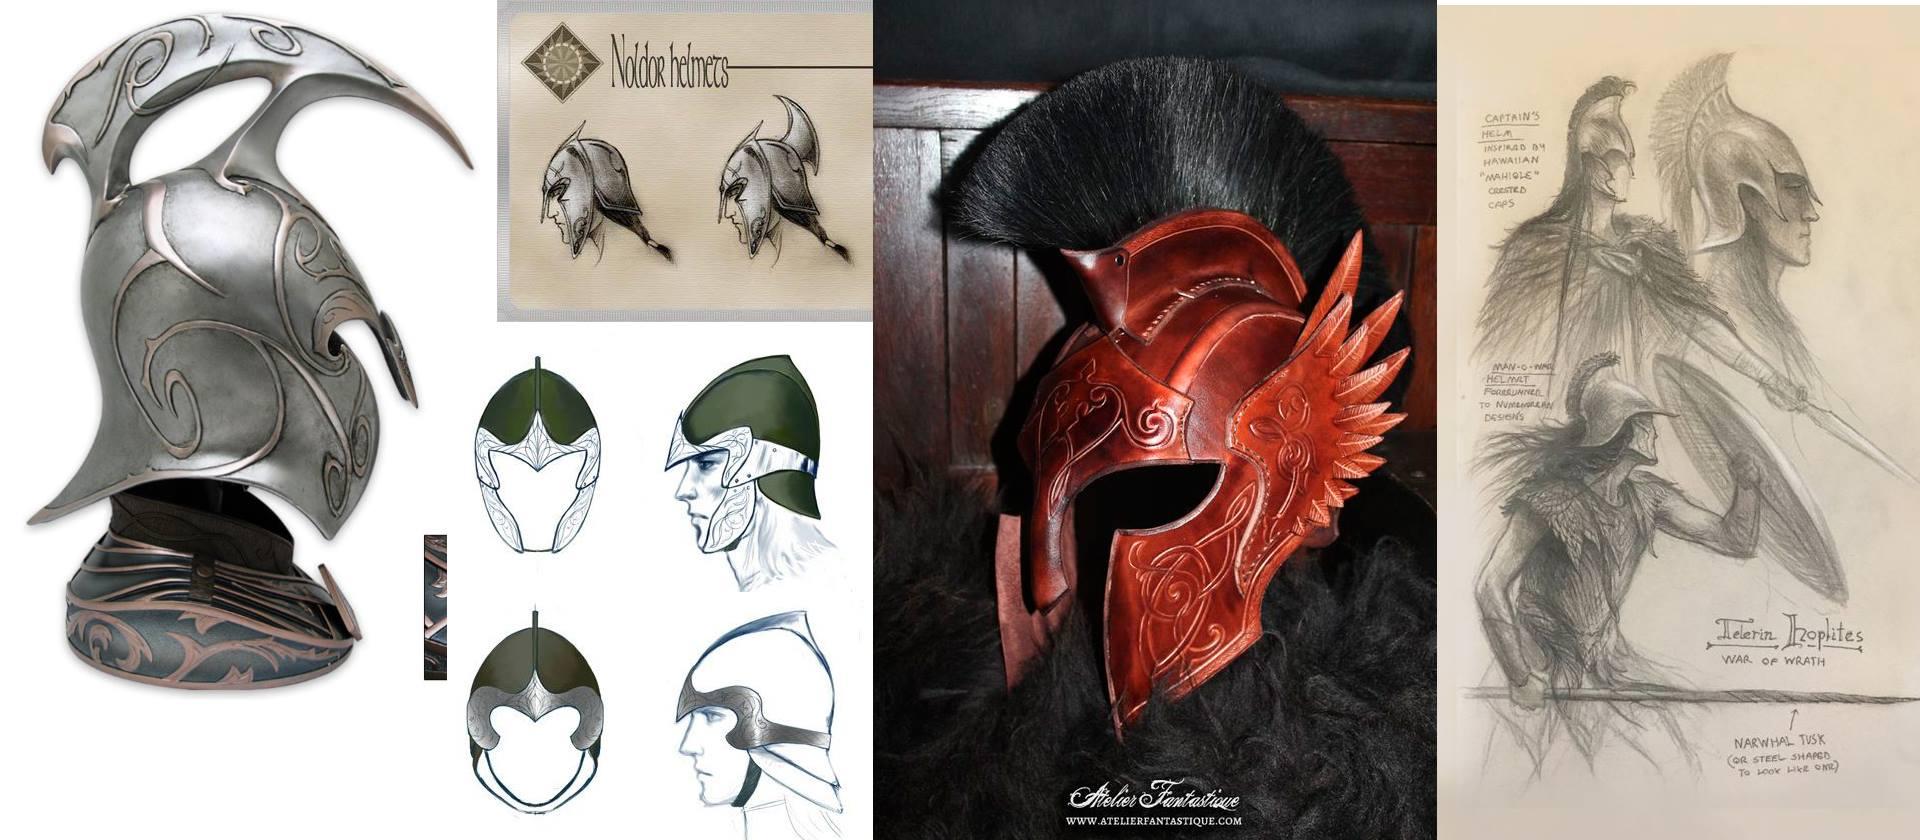 Elves helmets references